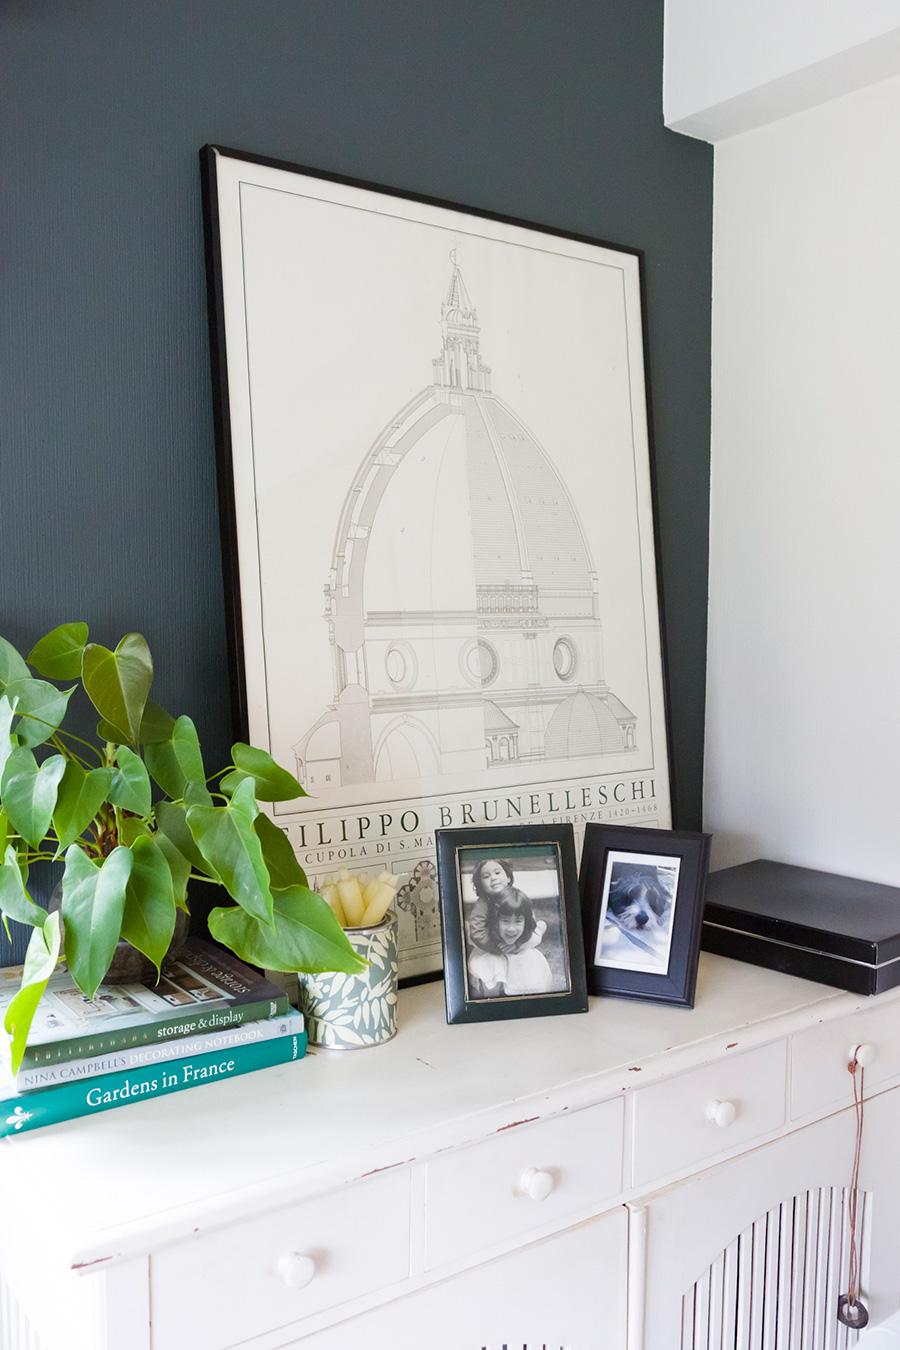 白い家具がチャコールグレーに映える。フィレンツェのドゥオモの絵や家族との写真などをディスプレイ。